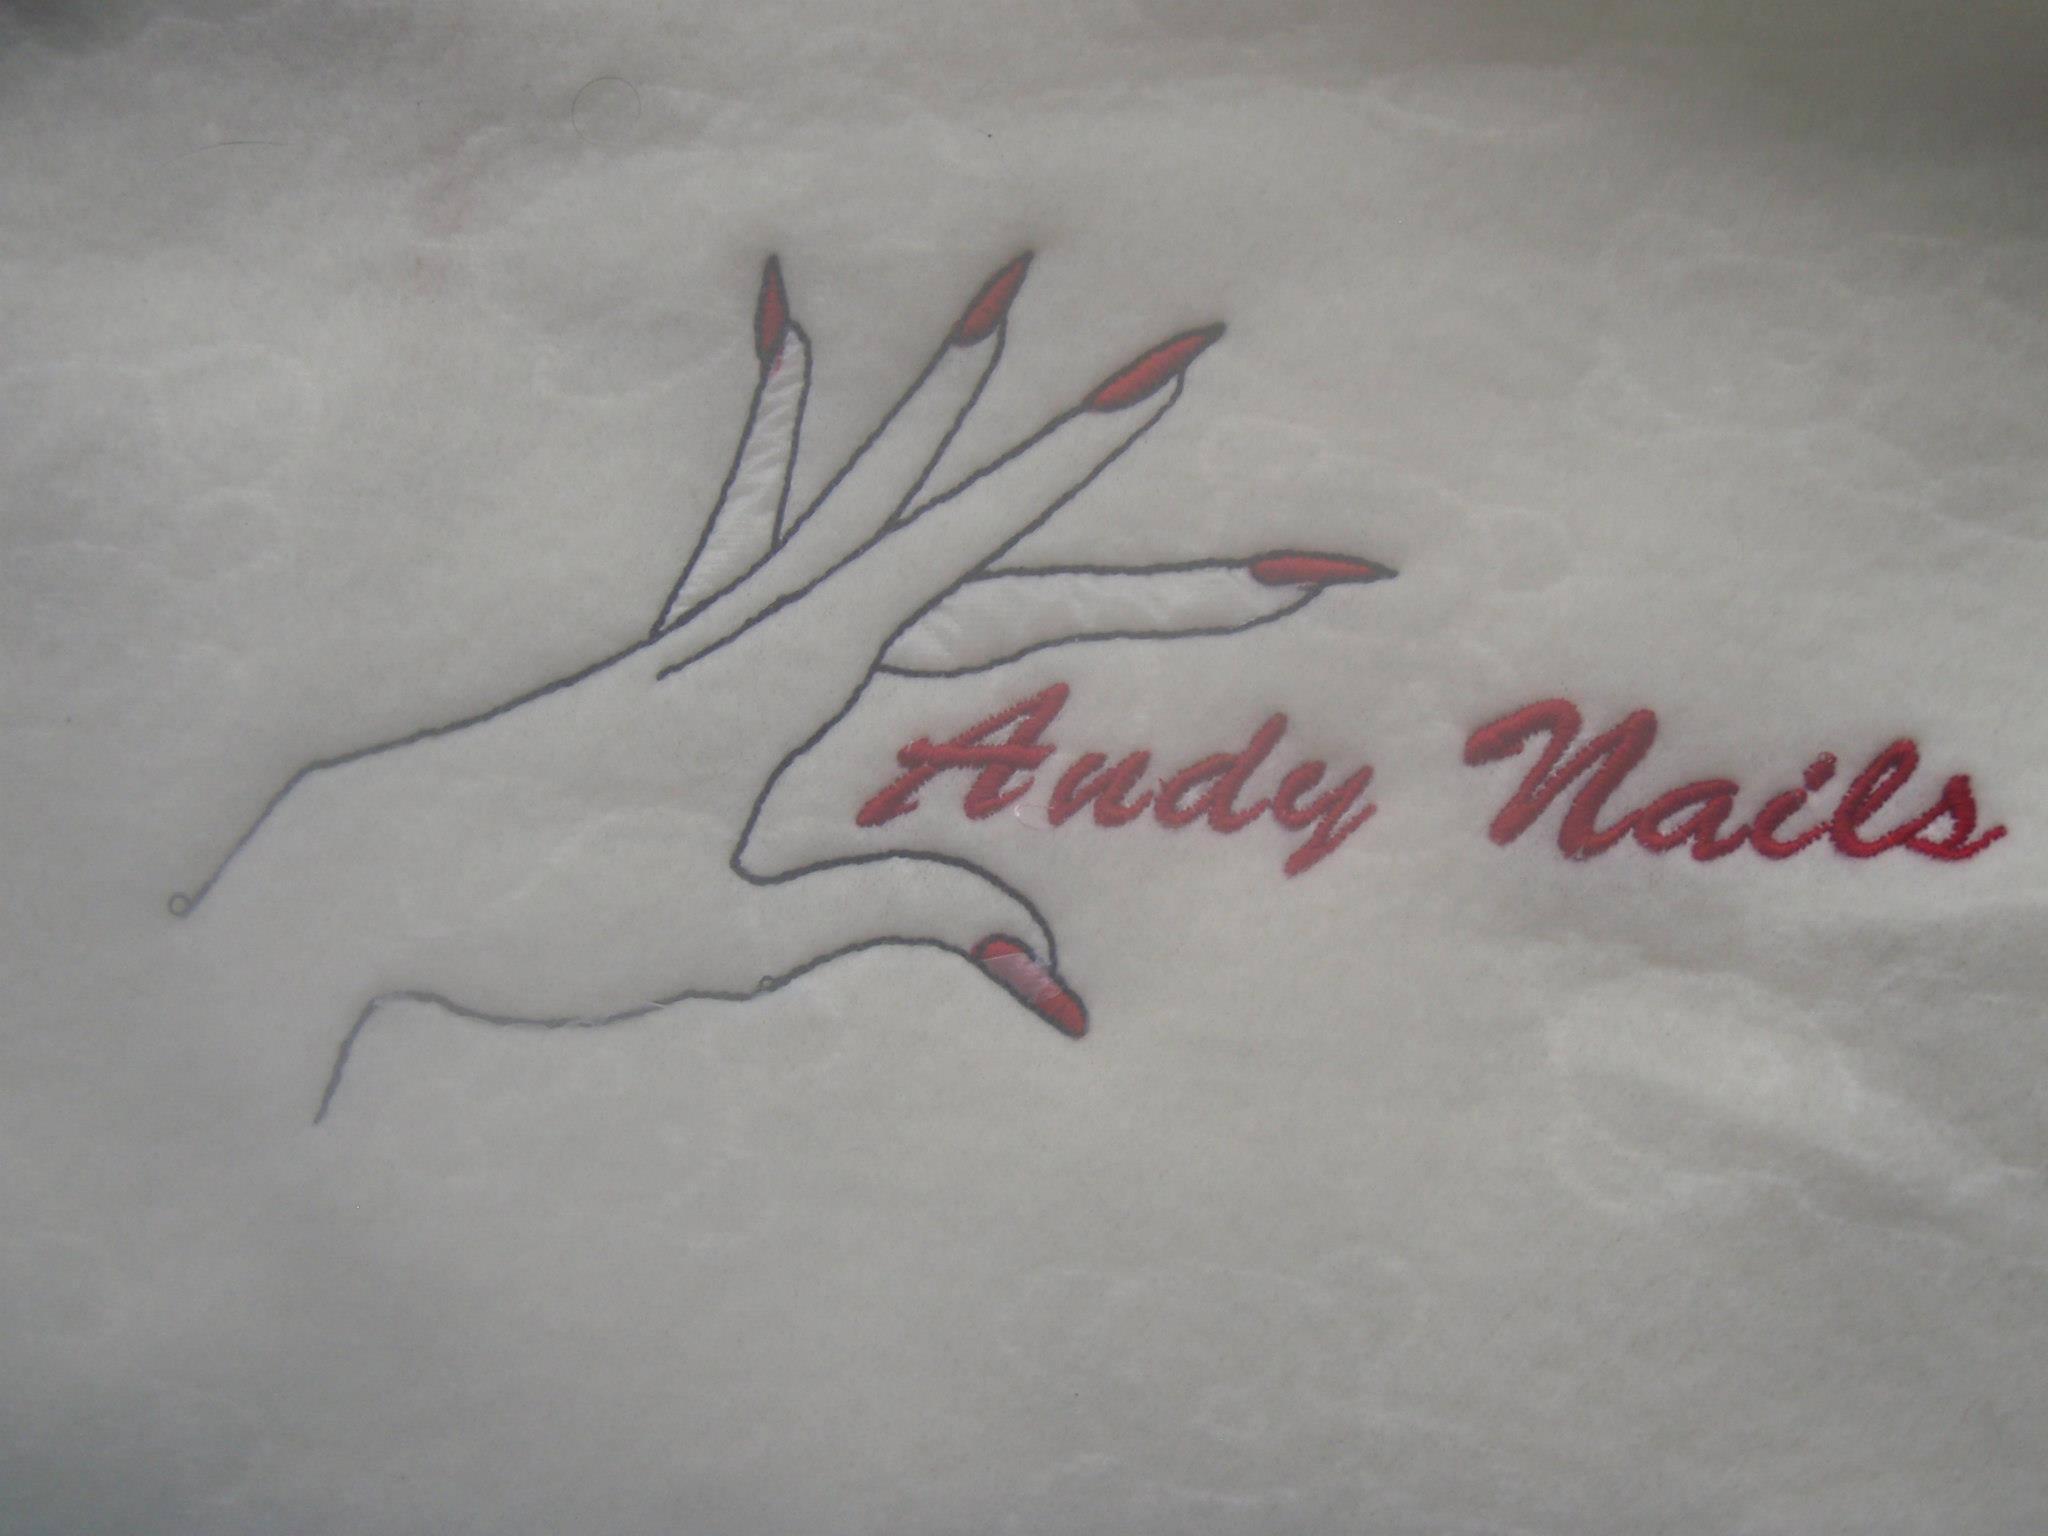 Andy Nails.jpg